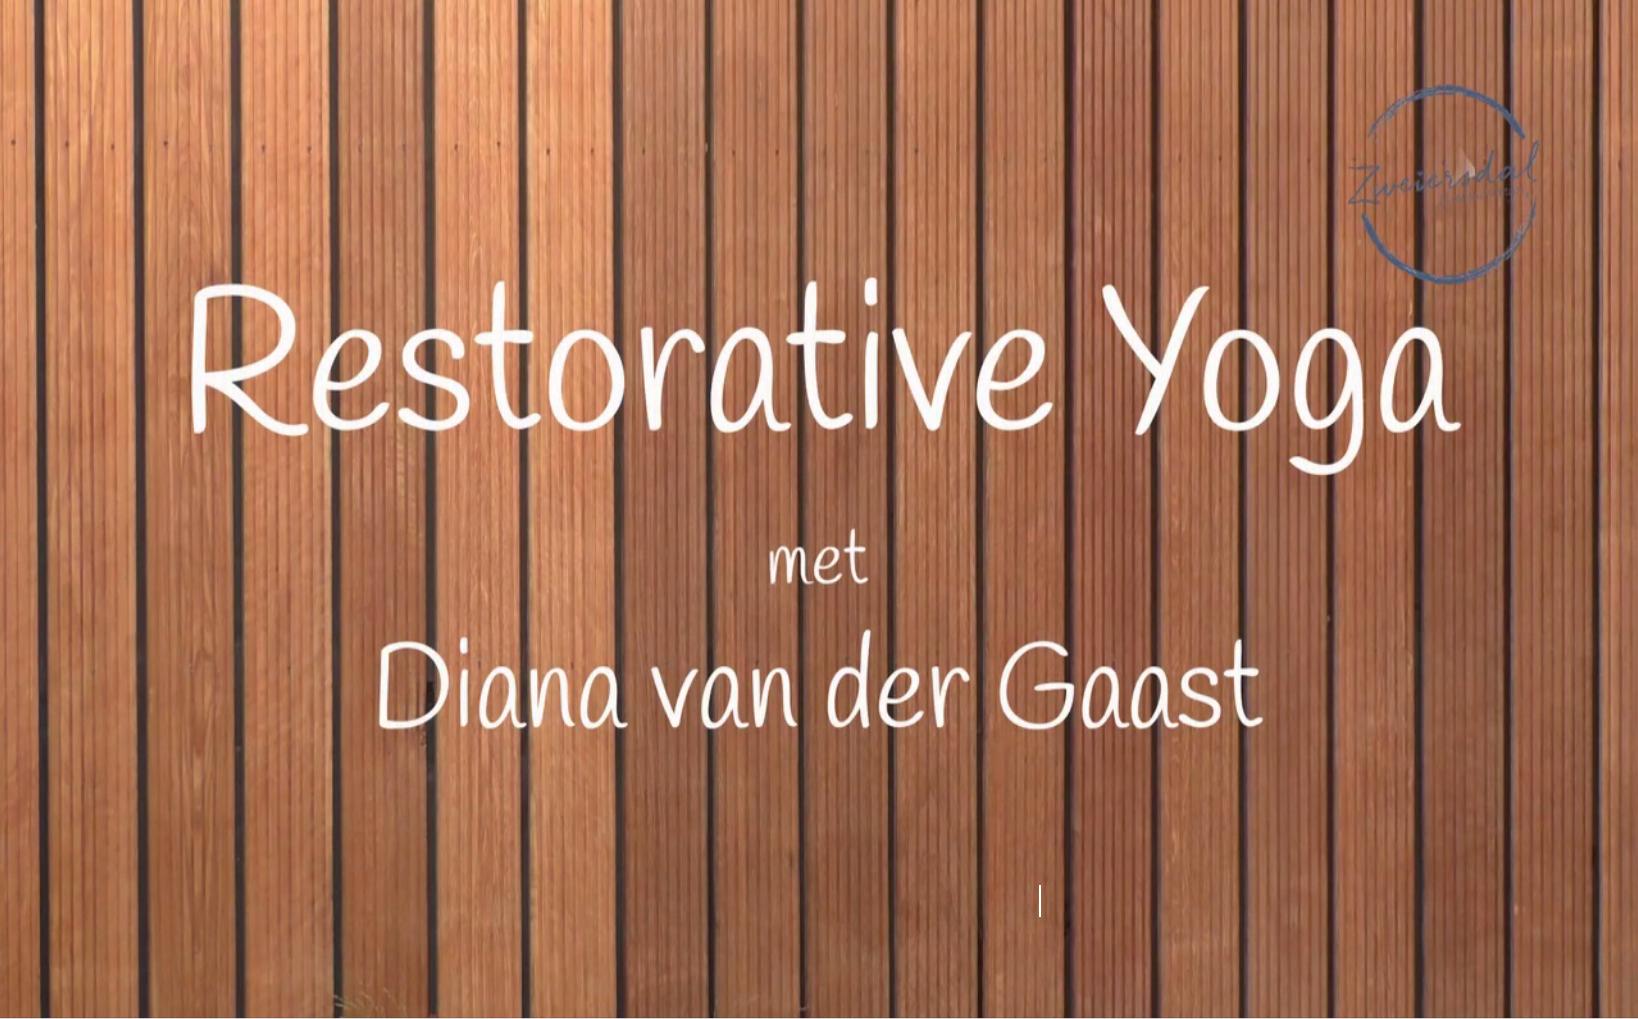 Restorative Yoga bijscholing olv Diana van der Gaast